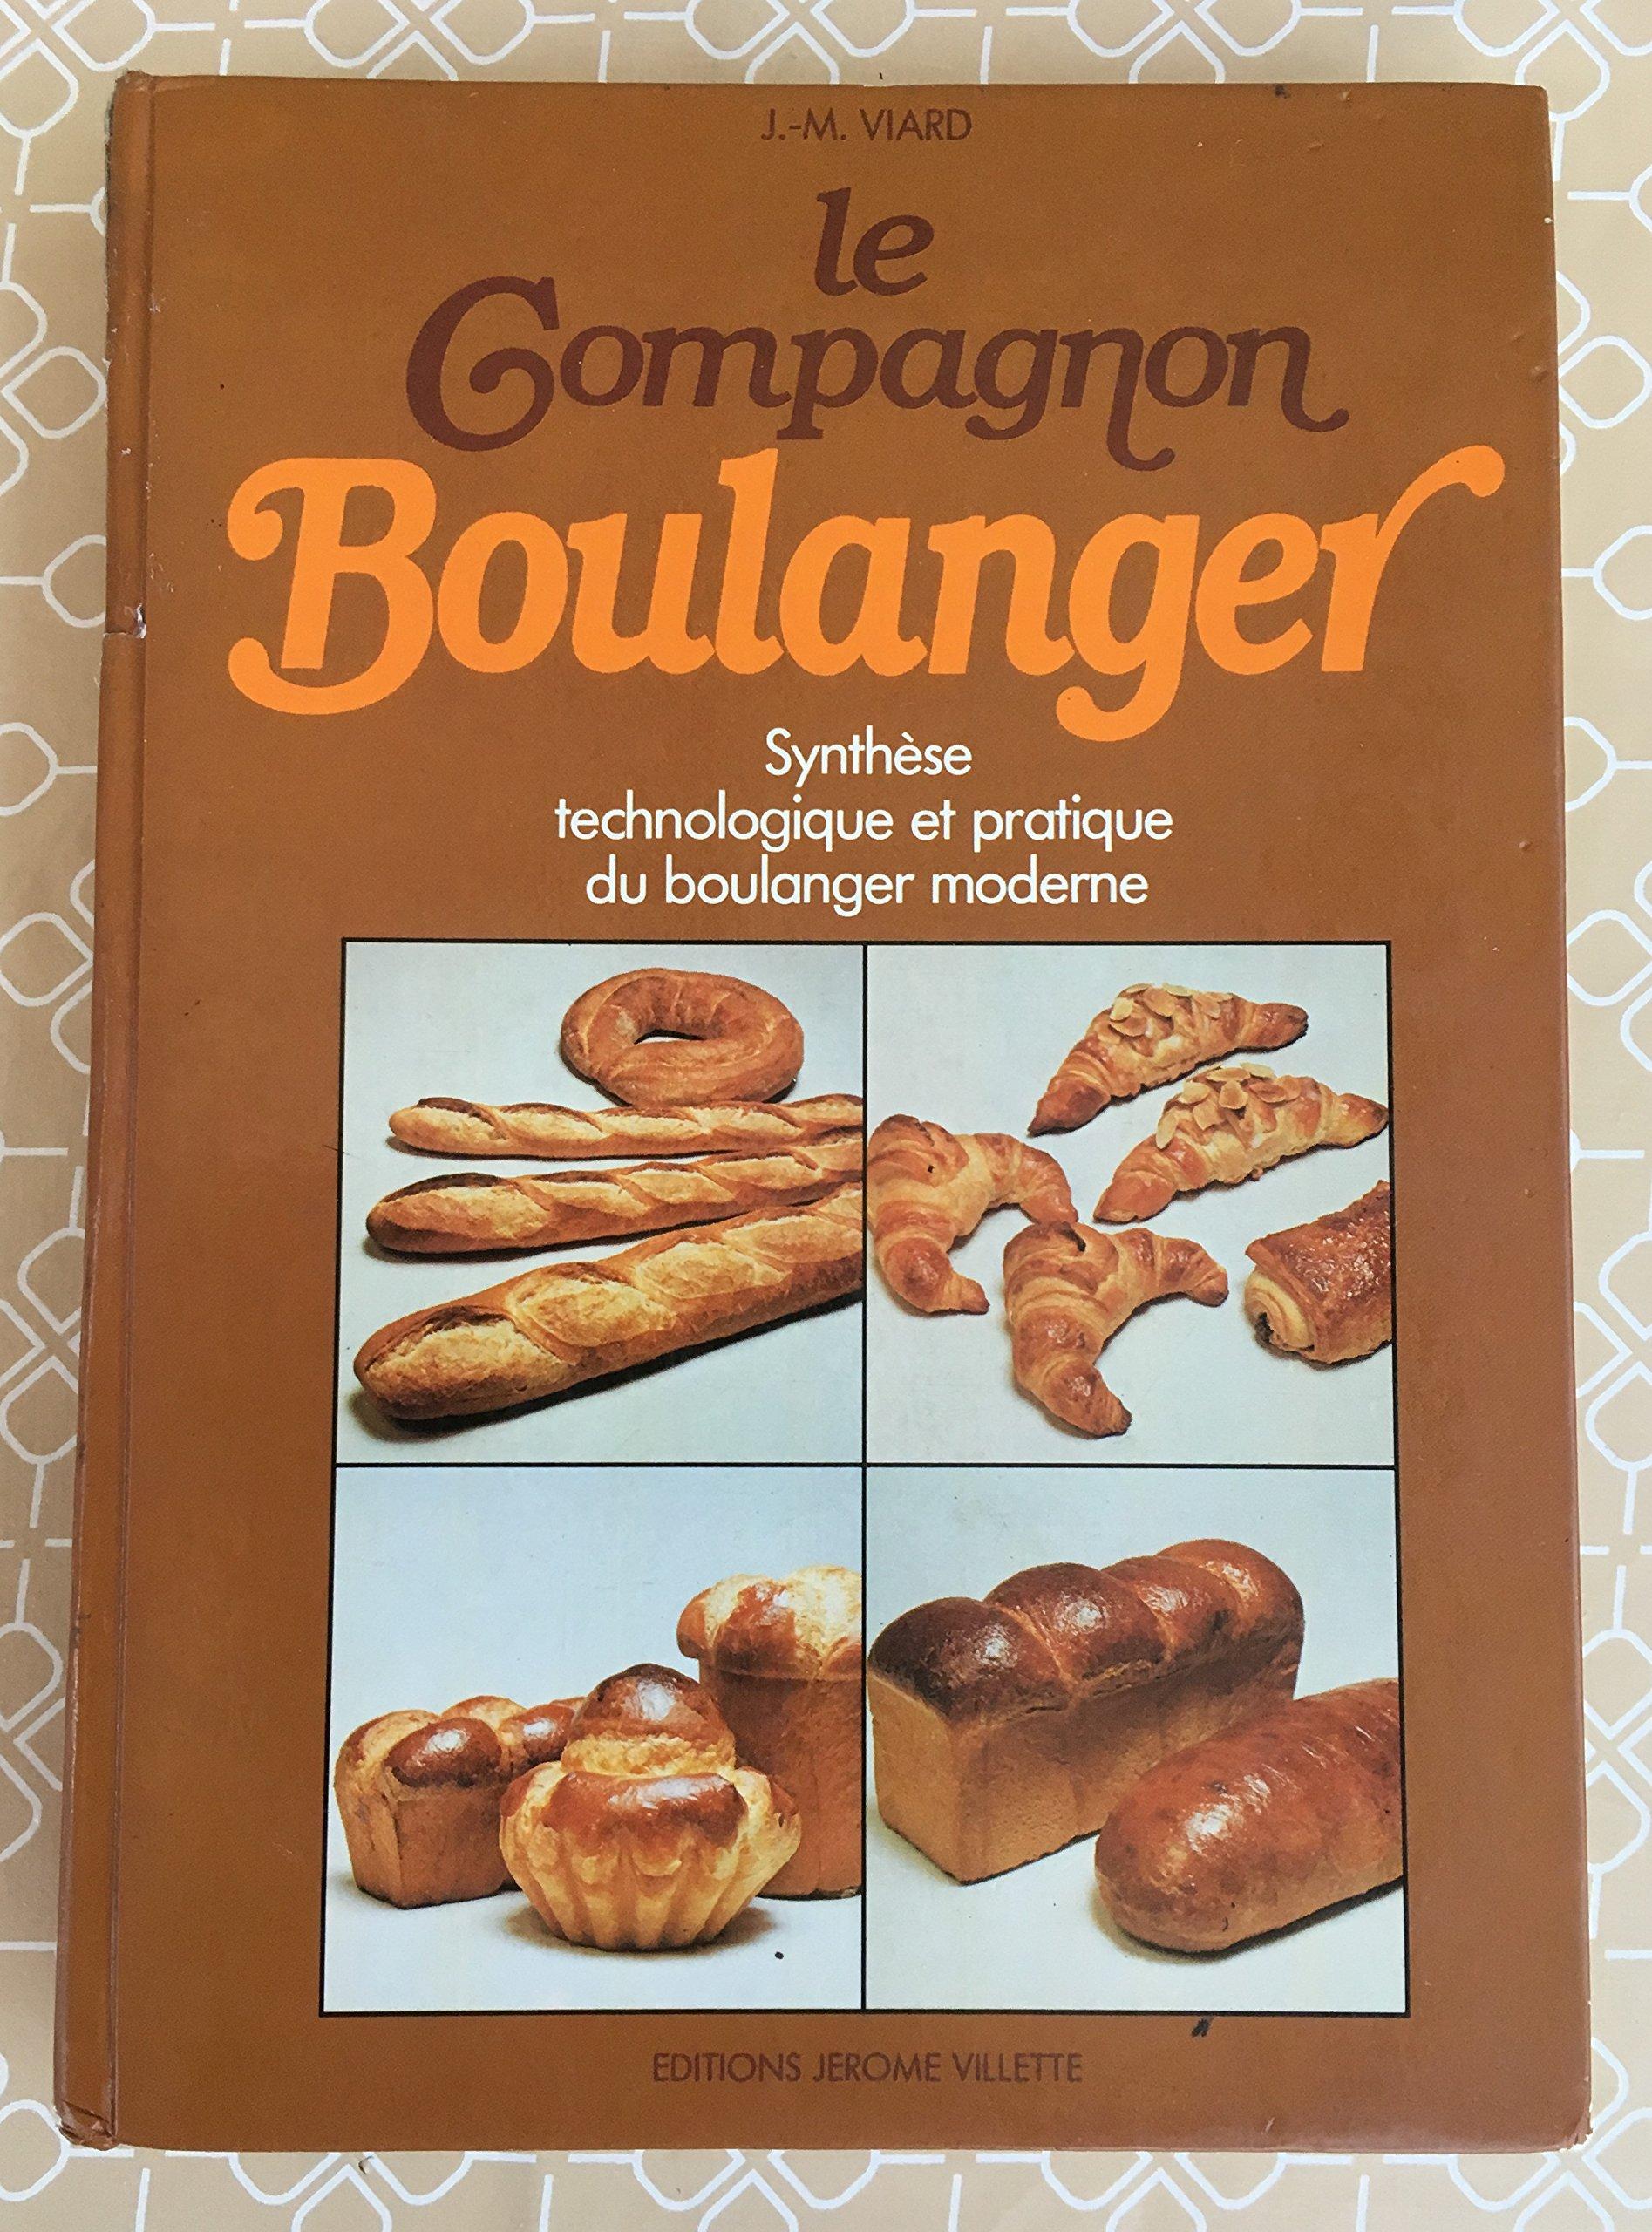 Synthèse technologique et pratique du boulanger moderne - Jean-Marie Viard - Livres